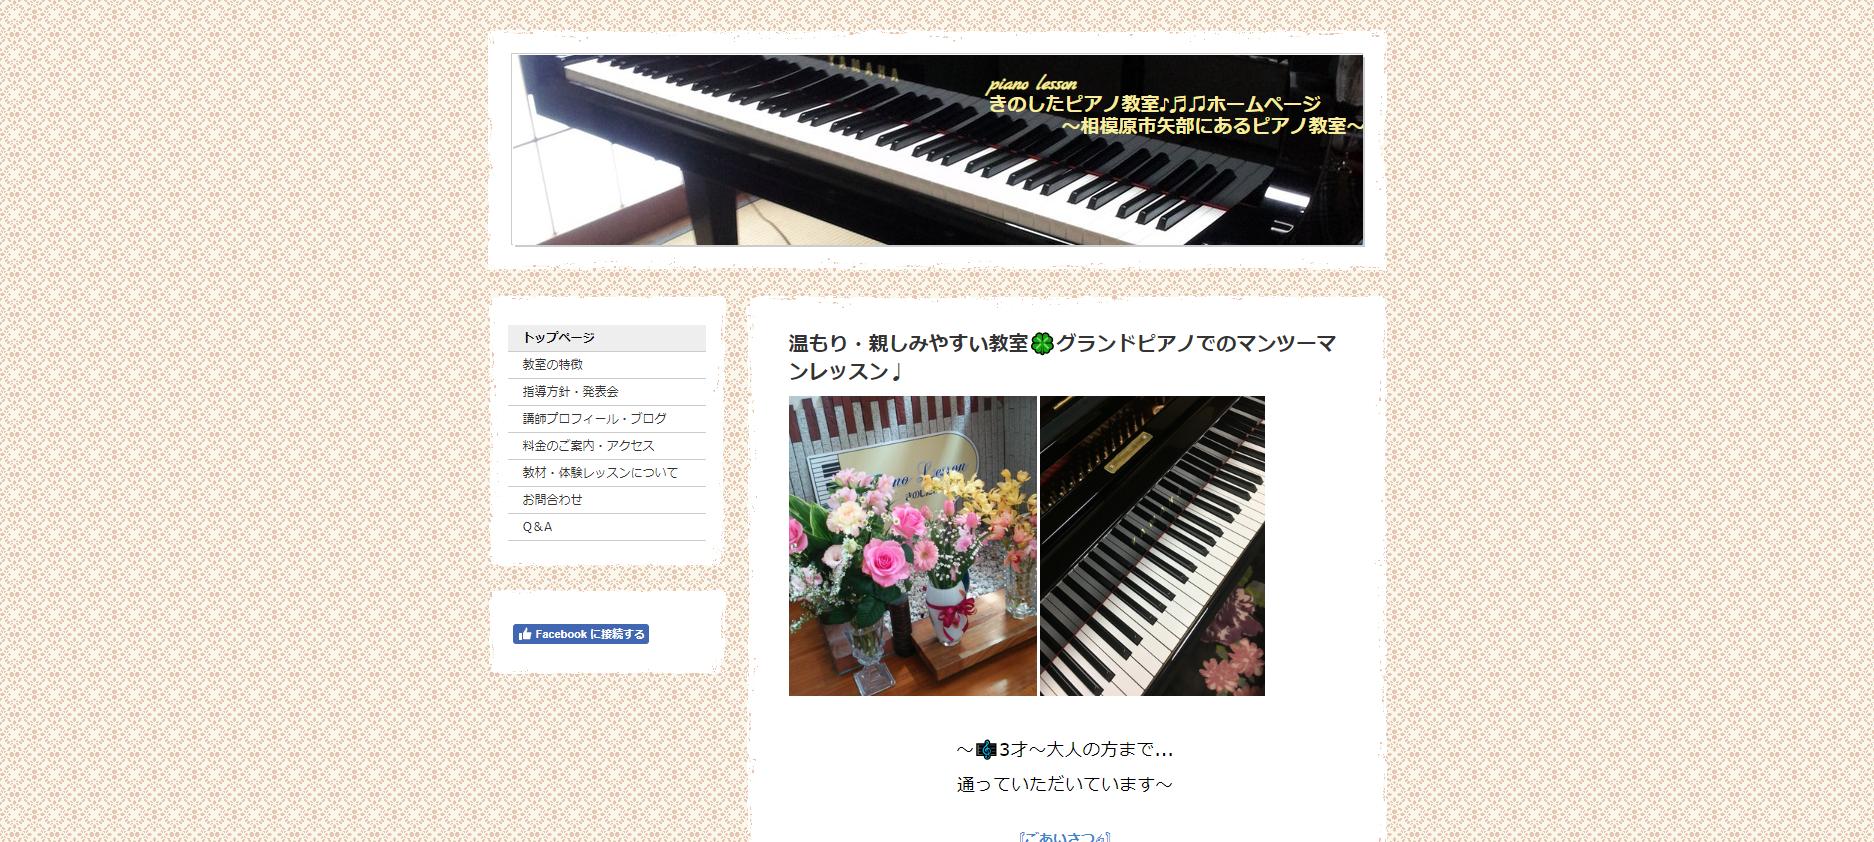 きのしたピアノ教室のサムネイル